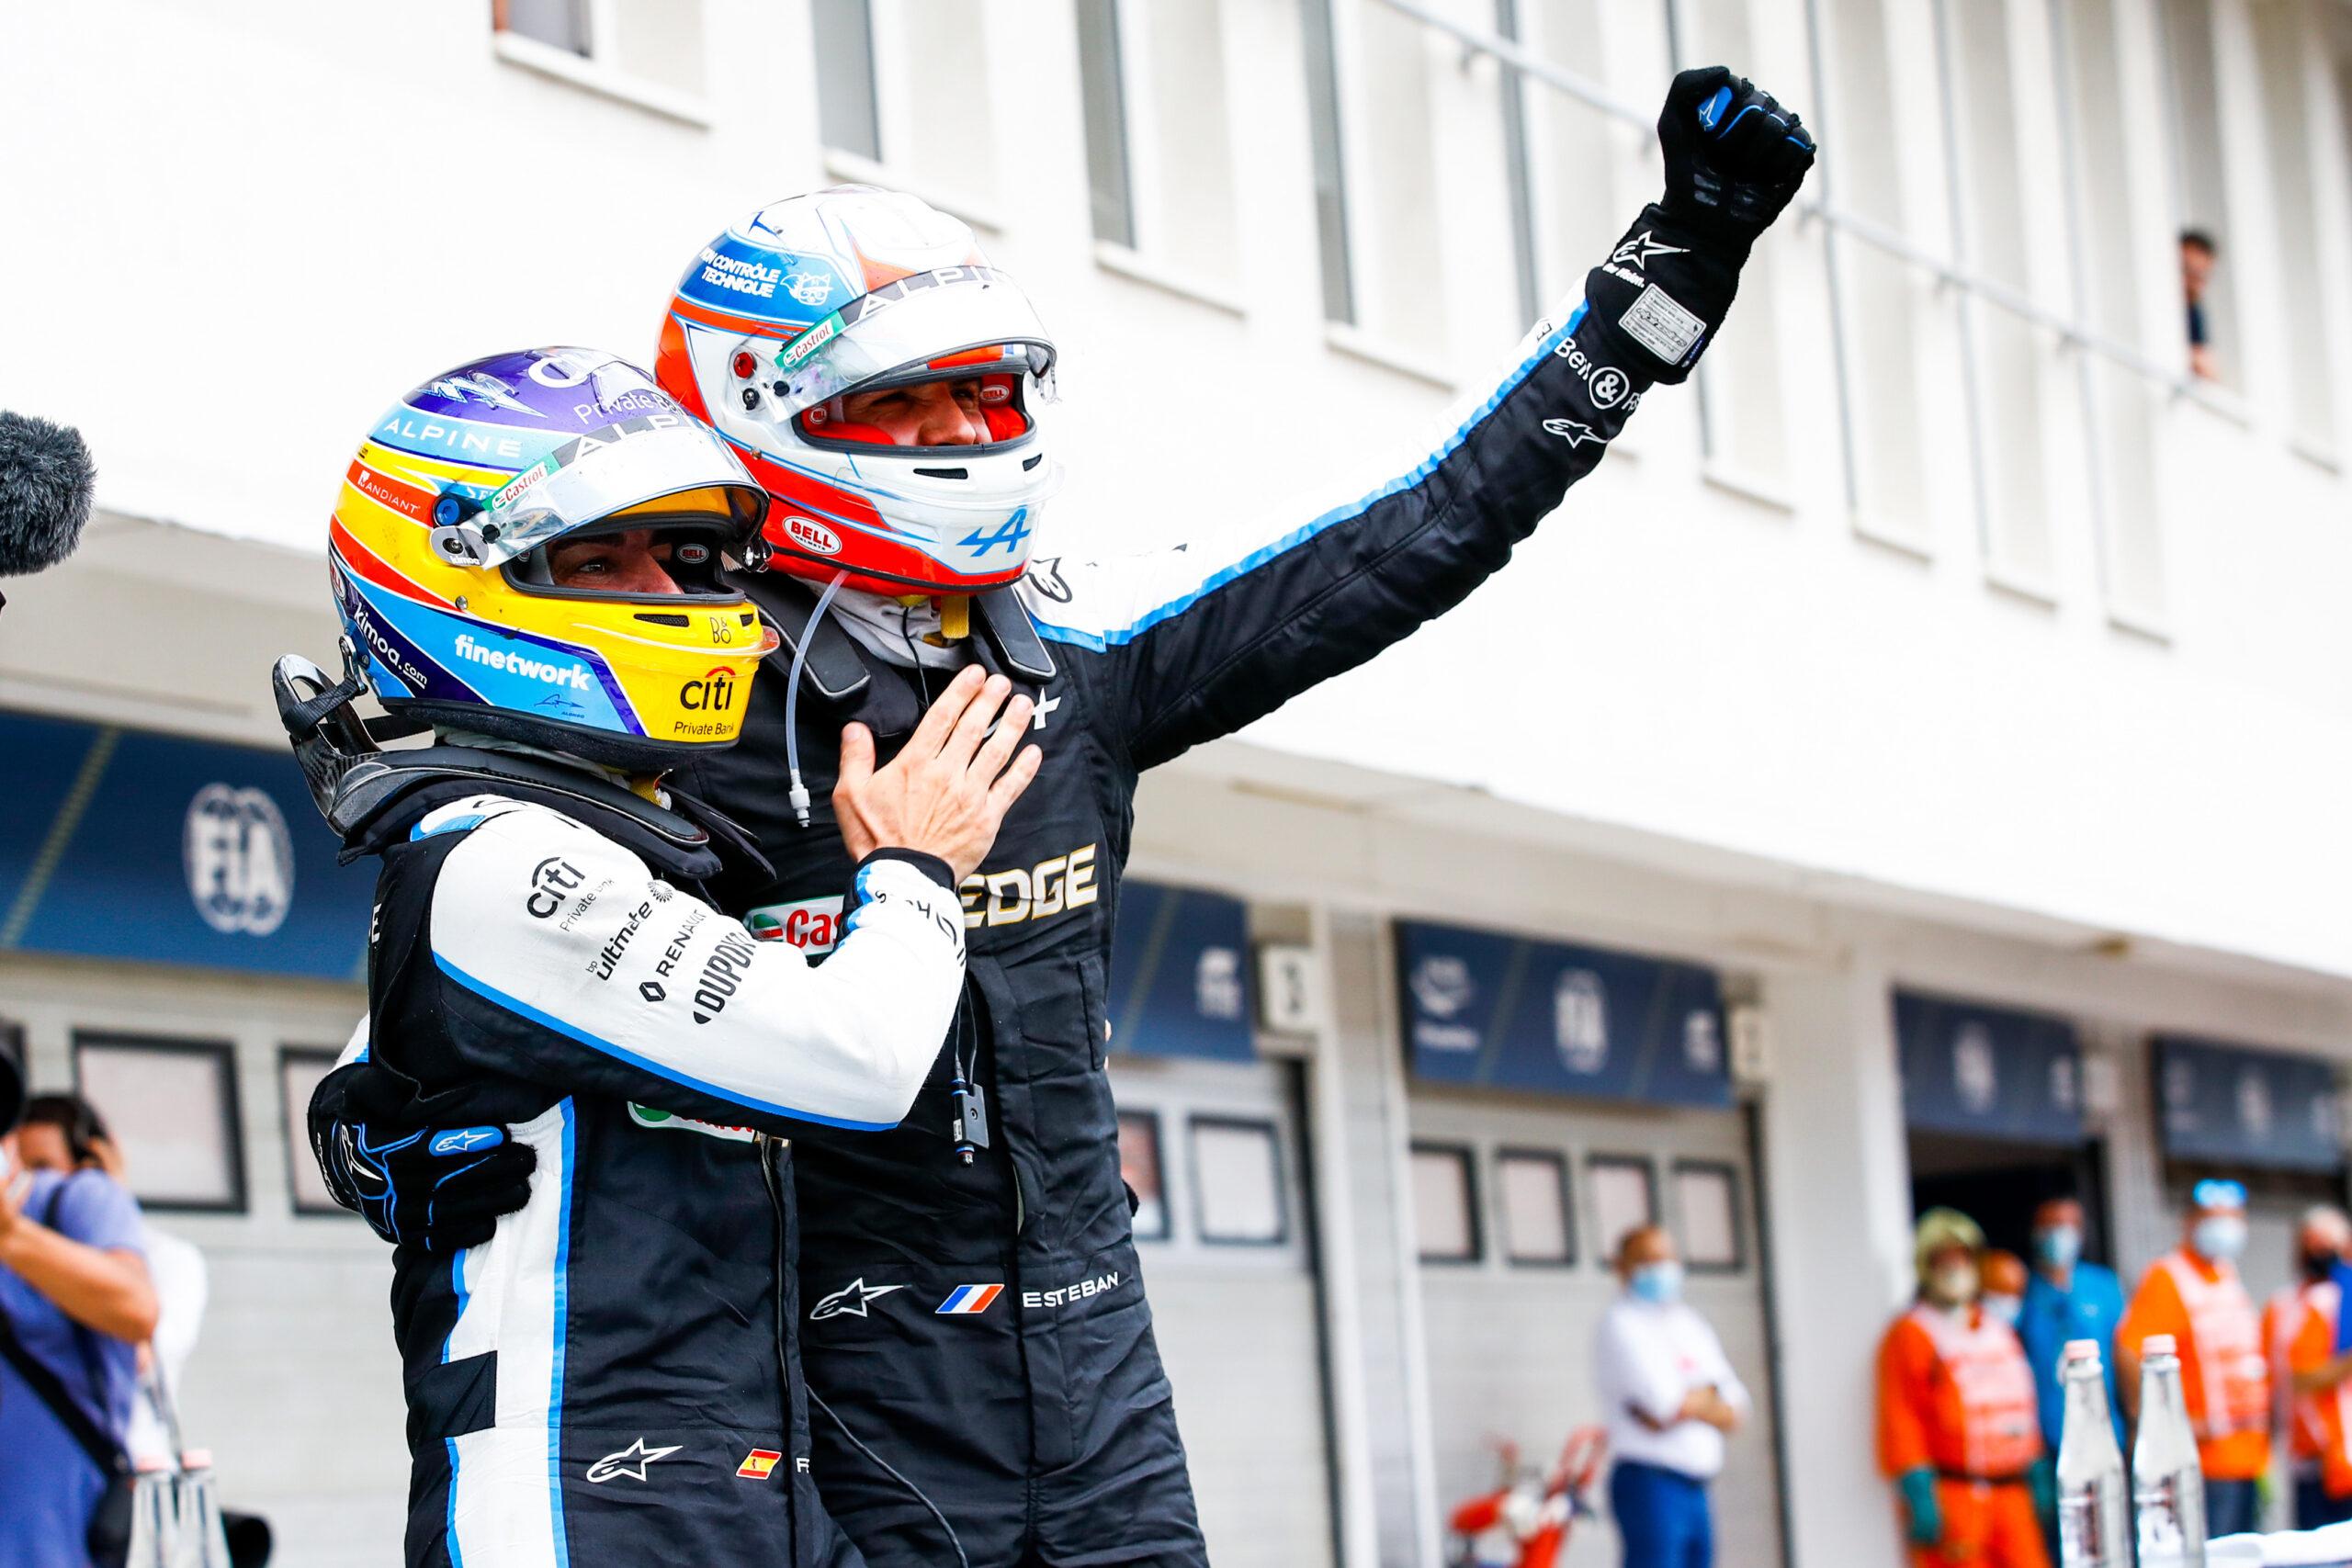 F1 - Alpine F1 prend la cinquième place au classement constructeurs